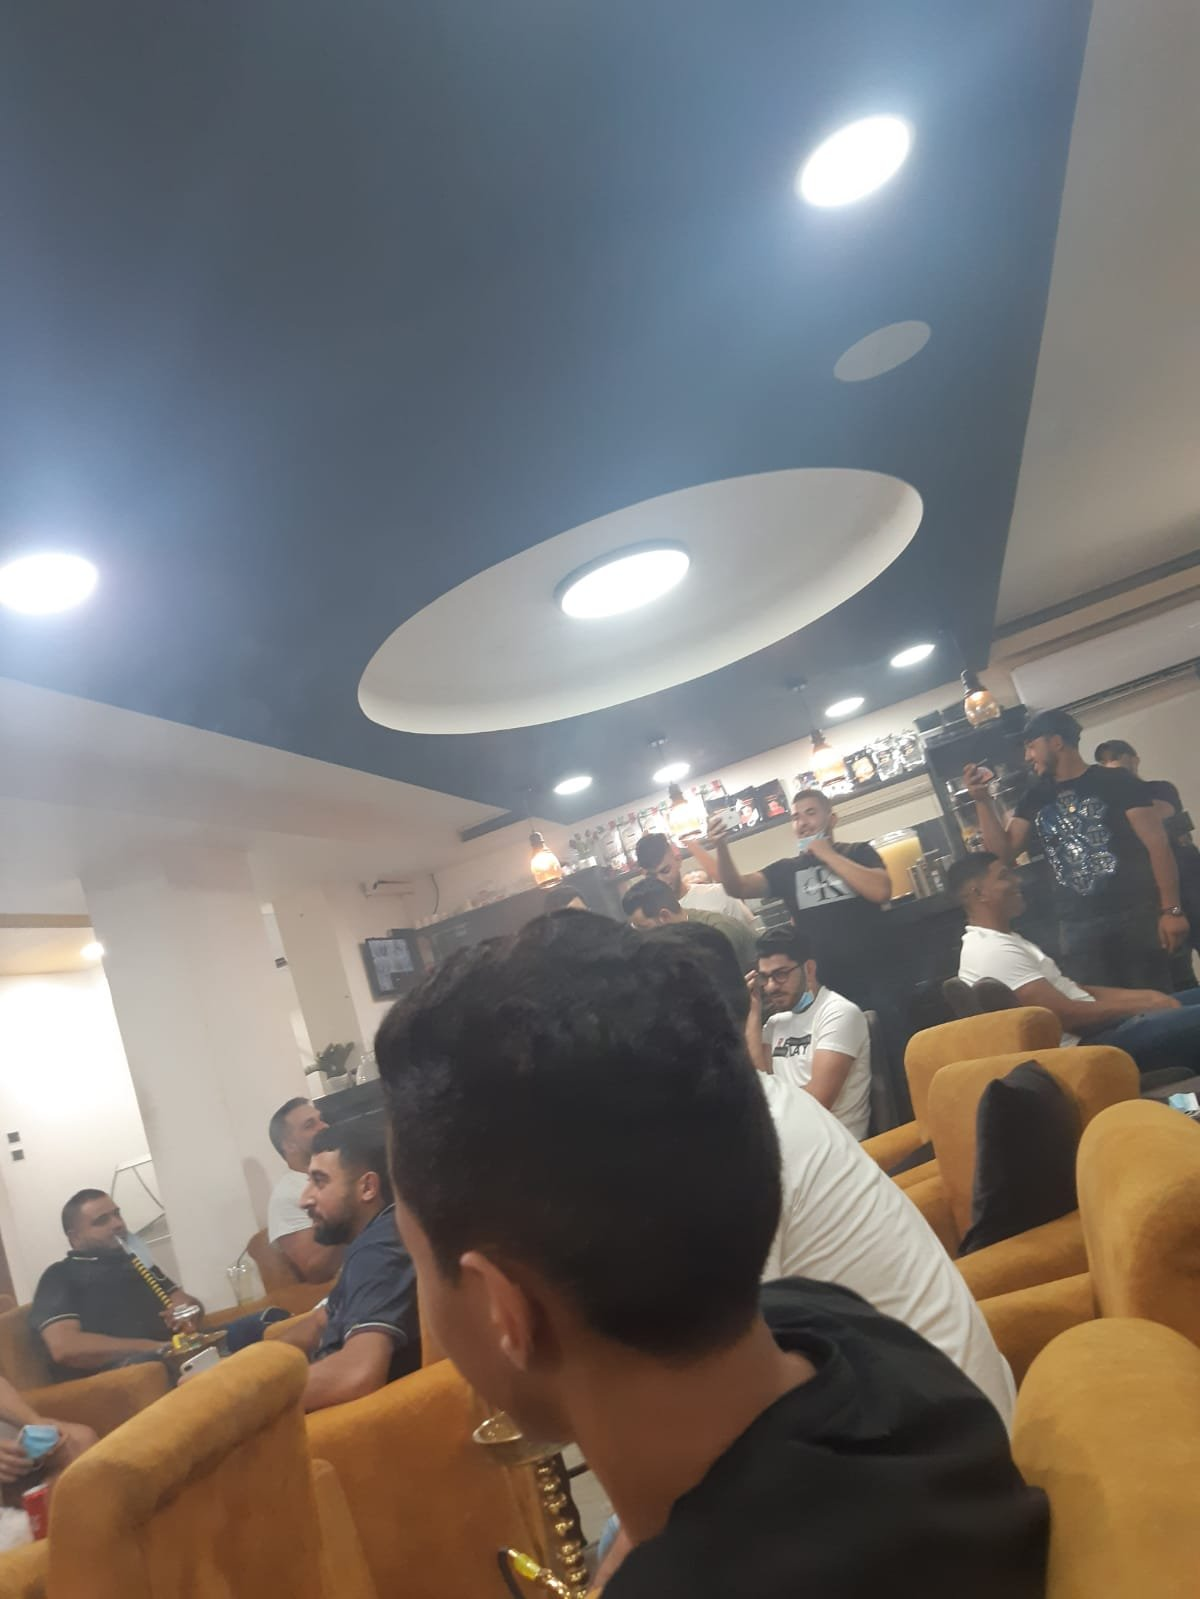 بالصور والفيديو..افراح وليالي ملاح في سحنين احتفالا بعودة الفريق للدرجة العليا